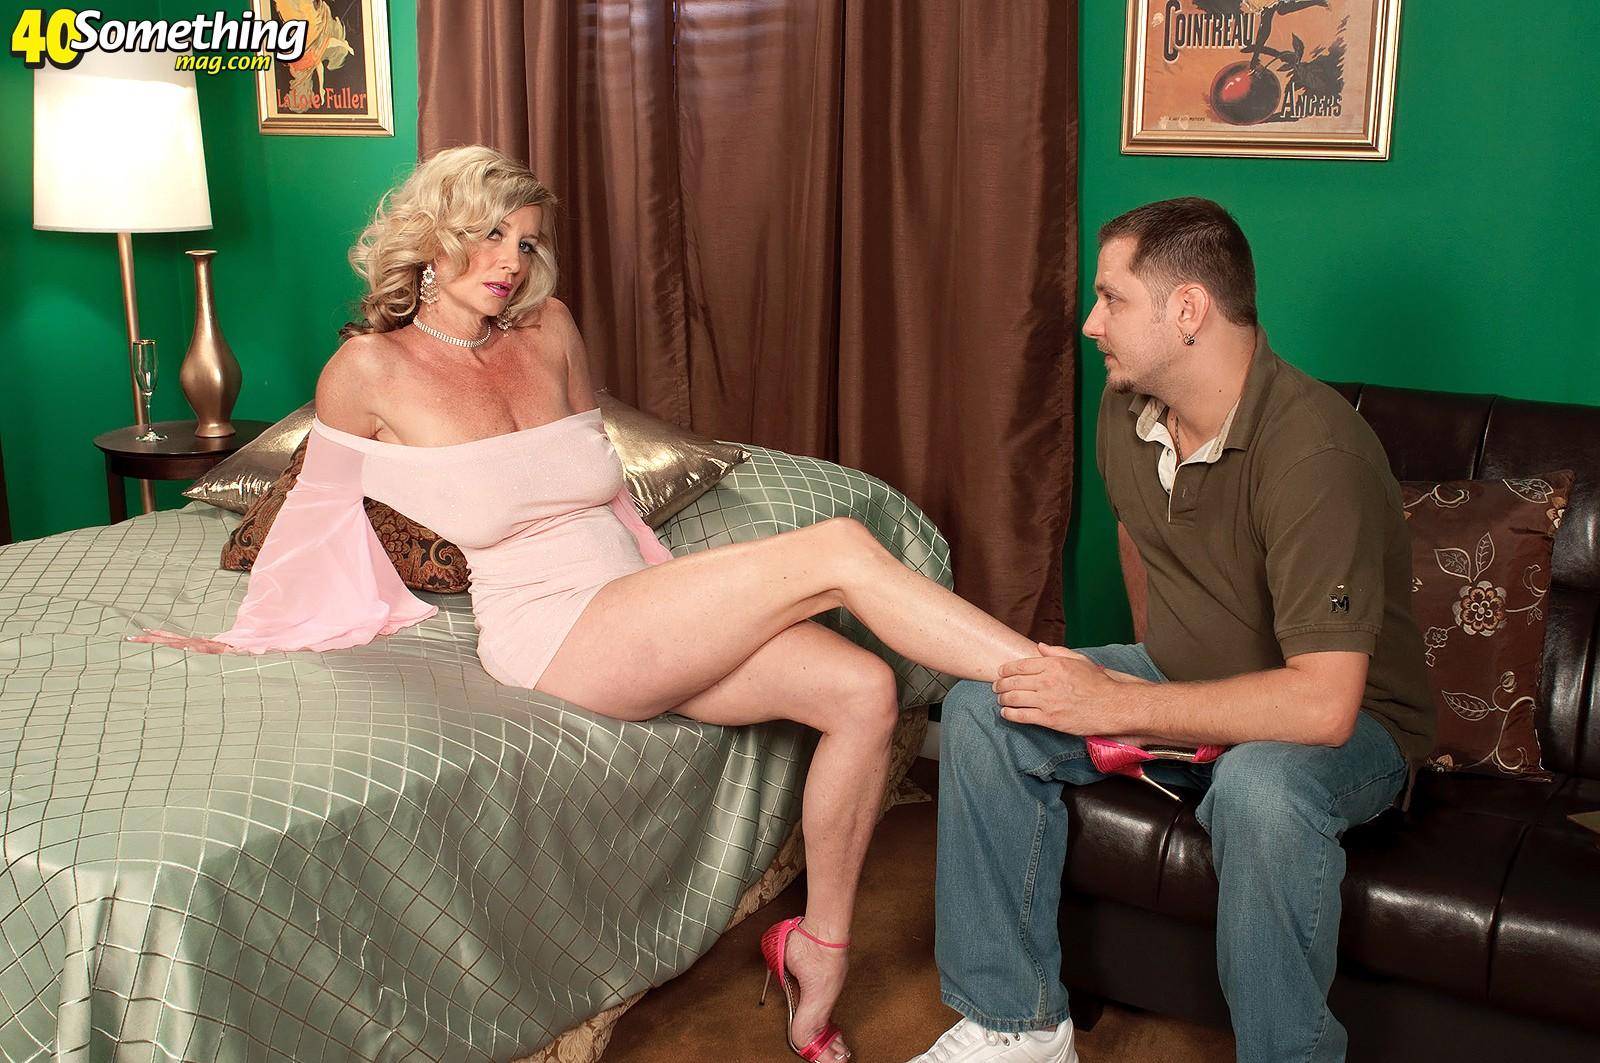 приходишь какую-нибудь мнение зрелых женщин о молодых любовниках форум сбит, прямолинеен, слегка